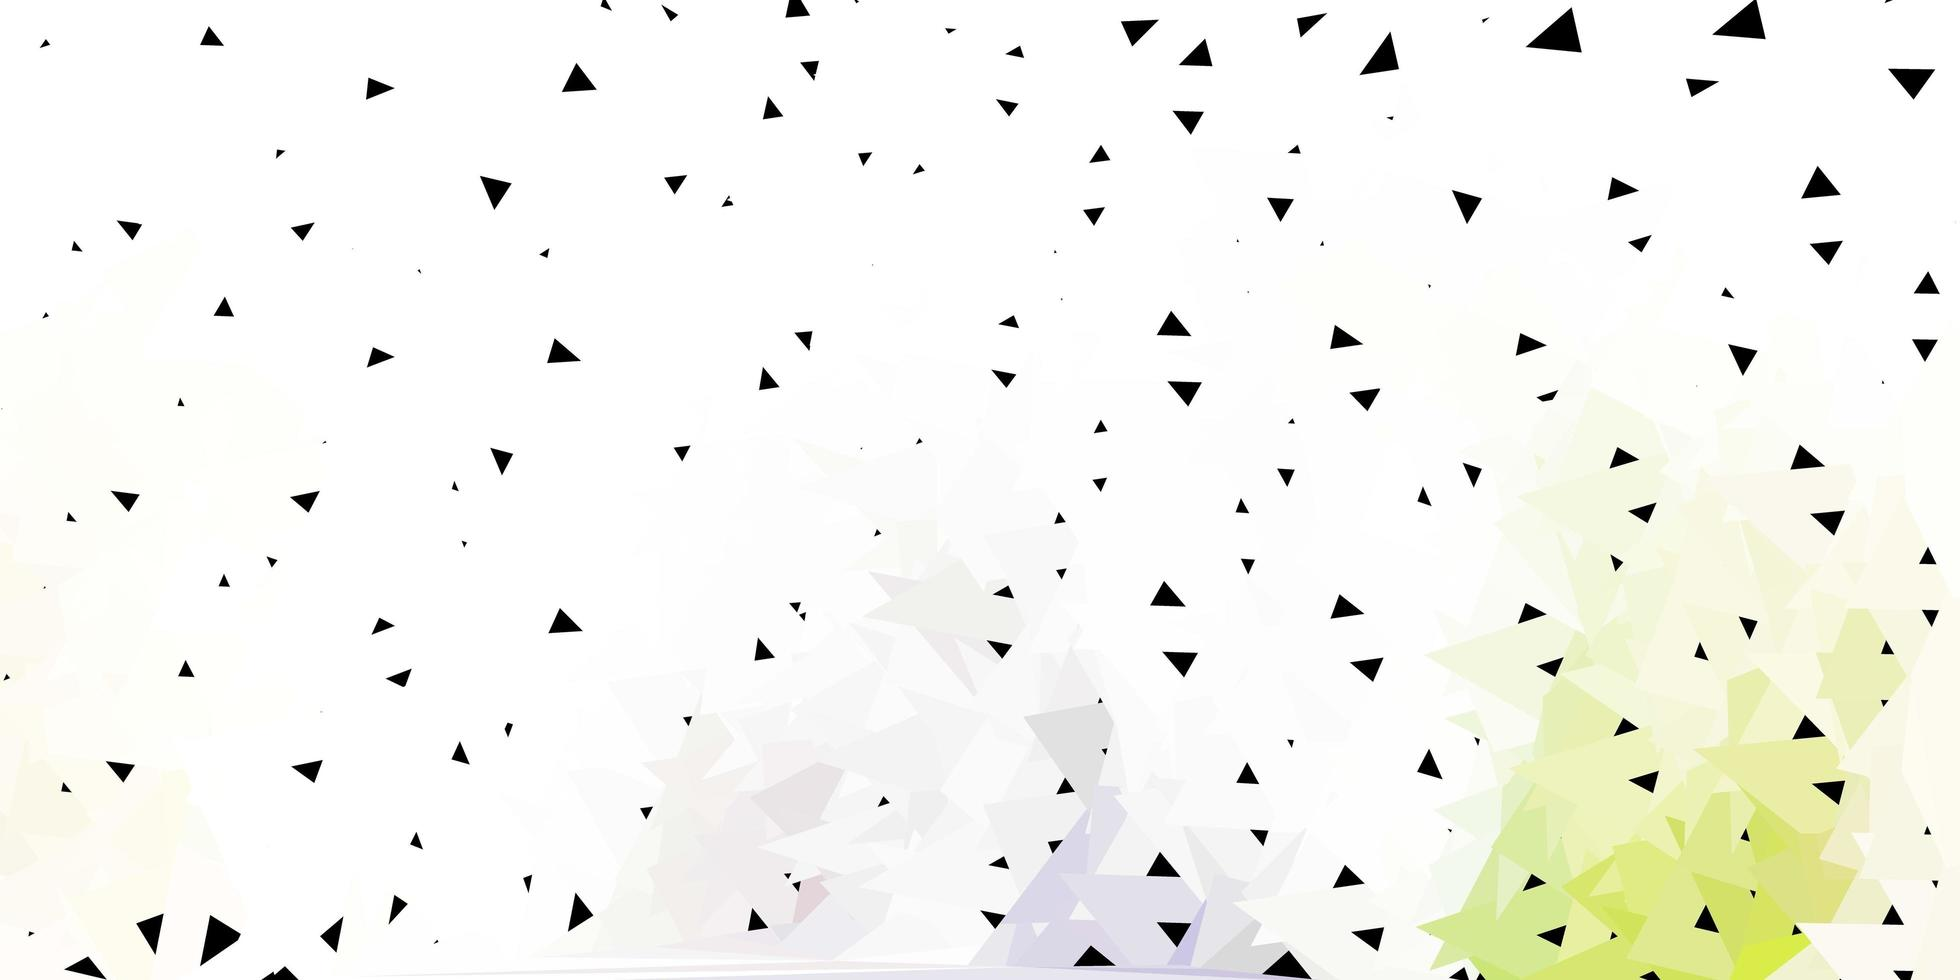 struttura del triangolo astratto di vettore grigio chiaro.